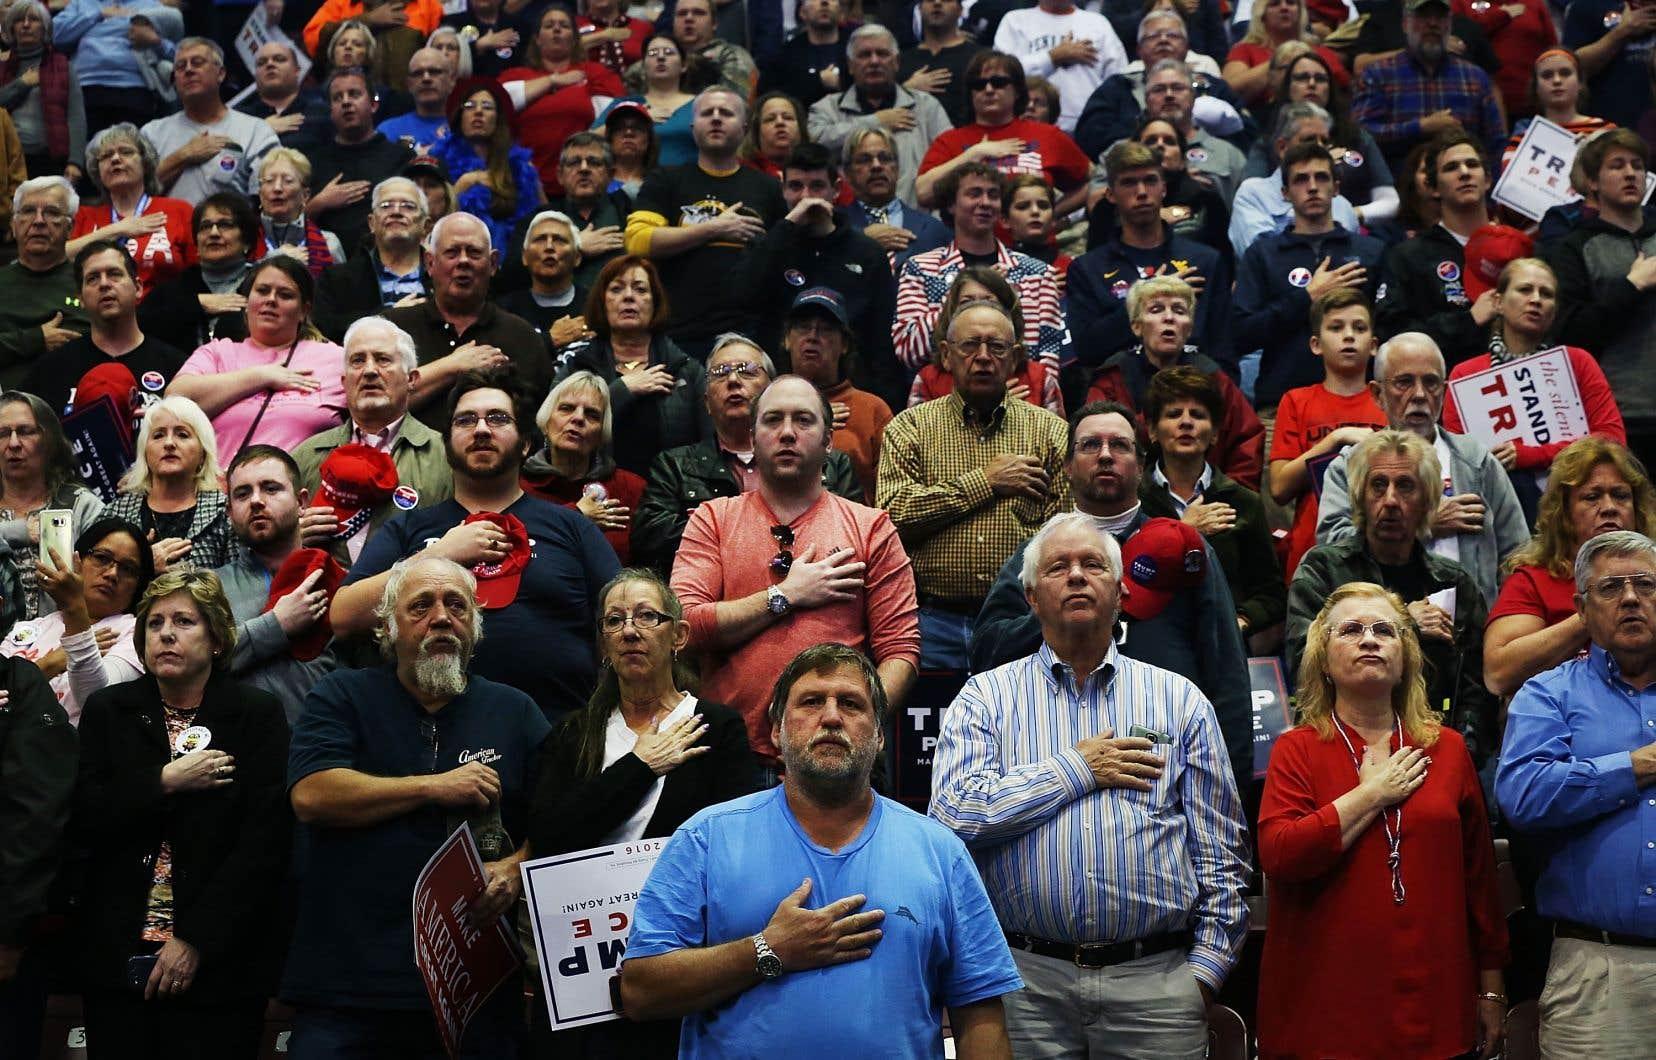 «On a souvent dit que Trump avait reçu plus de votes des électeurs blancs, ruraux, malmenés économiquement, notamment les gens âgés, moins éduqués, rappelle le DrLee Goldman, auteur principal de l'étude. Mais la baisse de l'espérance de vie en soi, un important marqueur du découragement, du désespoir et de la peur, pourrait avoir influencé les électeurs qui ont appuyé Trump.»